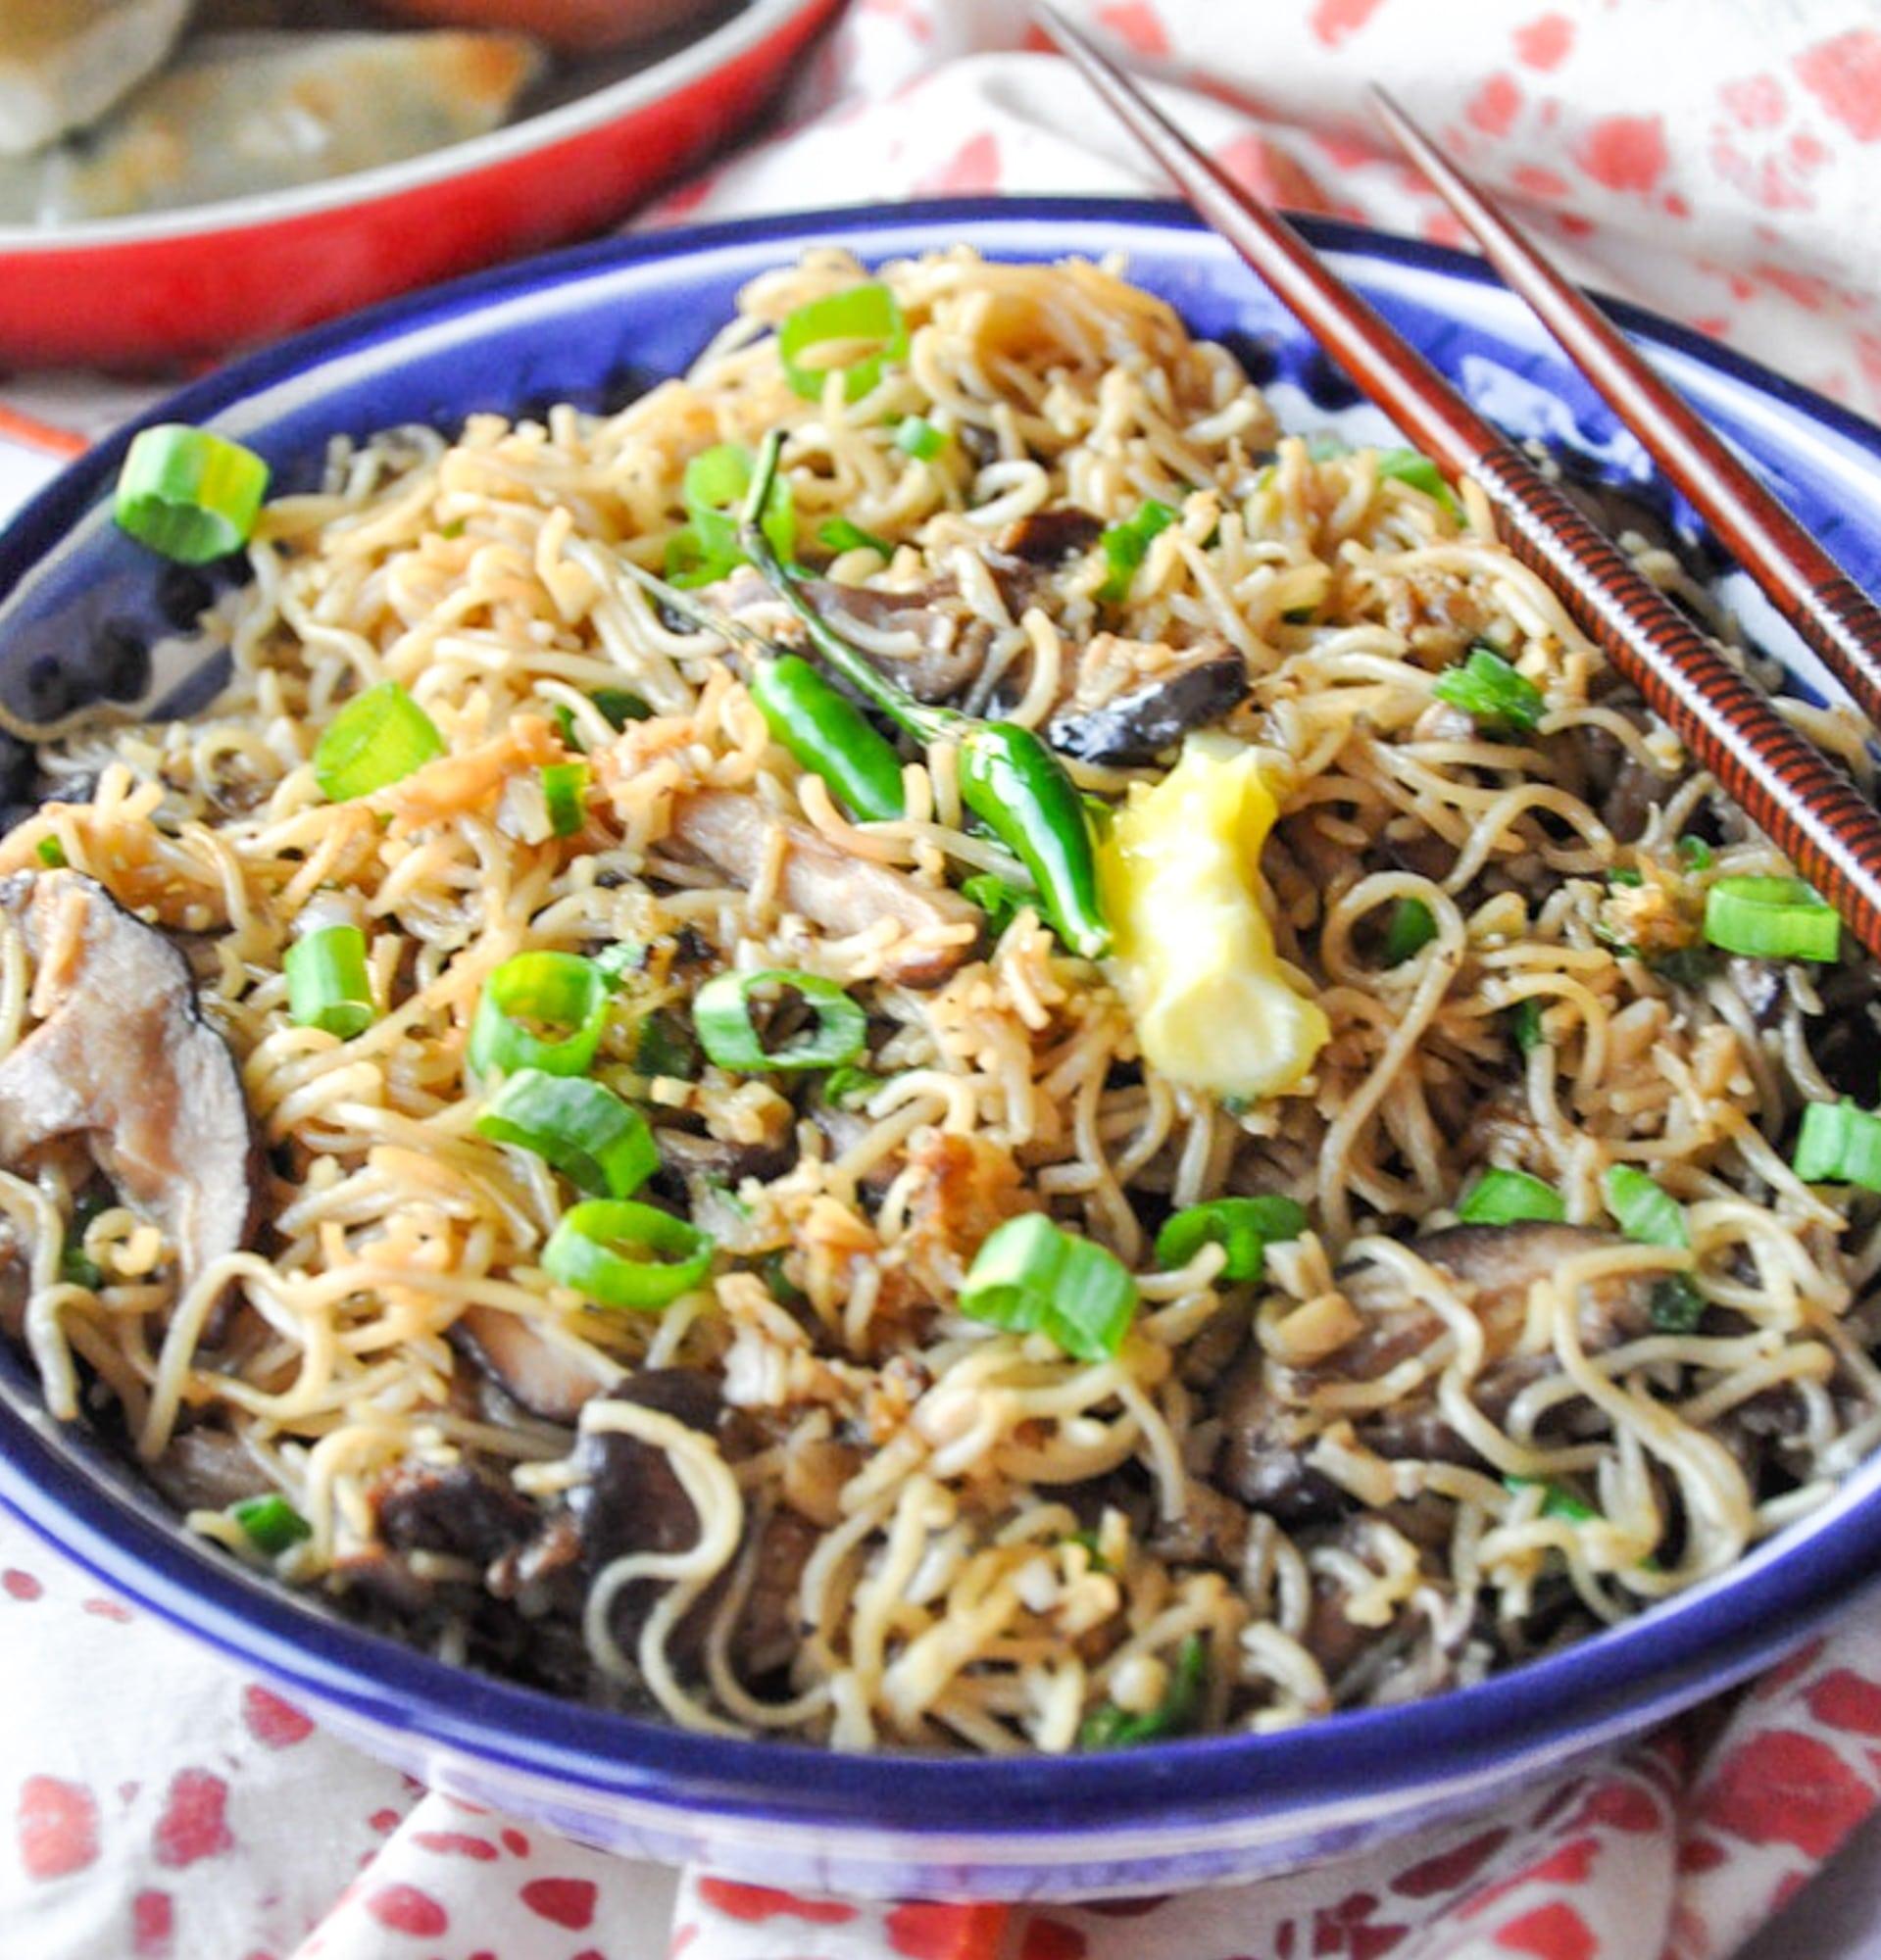 mushroom noodles 10 ingredients vegan option  honey